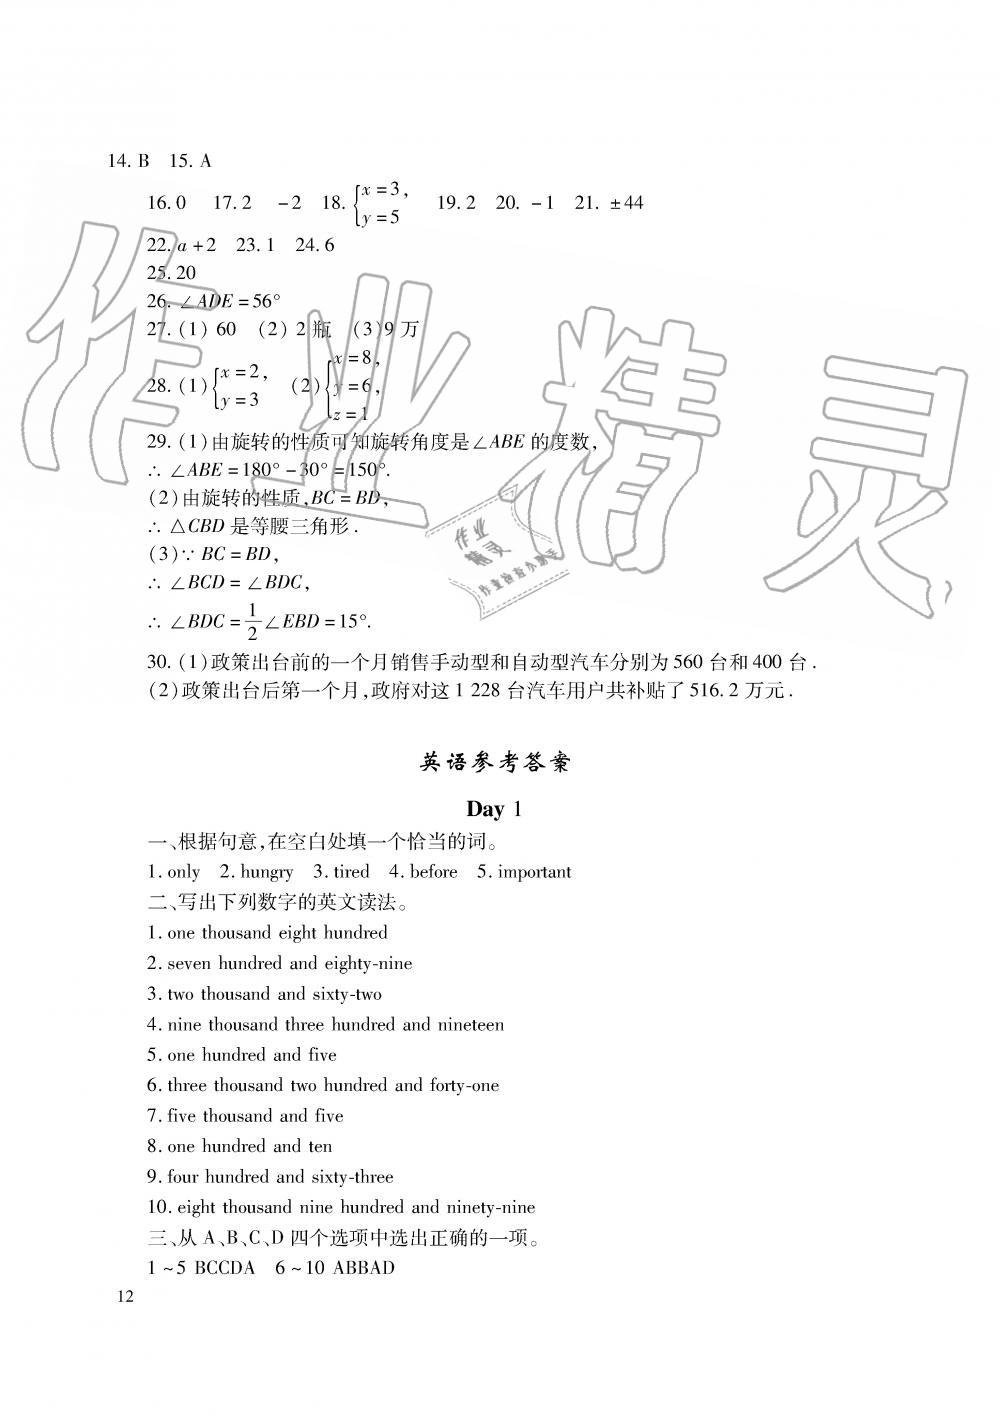 2019年暑假生活七年级语文数学英语湖南少年儿童出版社第12页